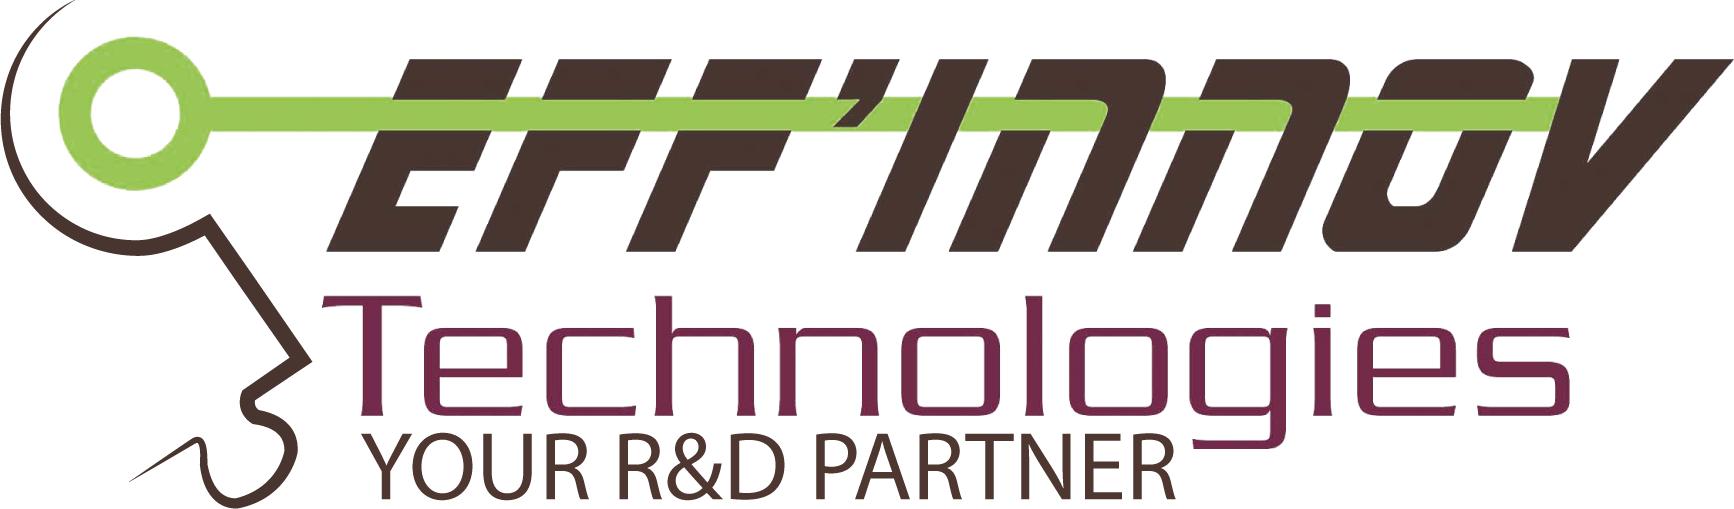 logo_EFF_INNOV_V2_small_1.jpg